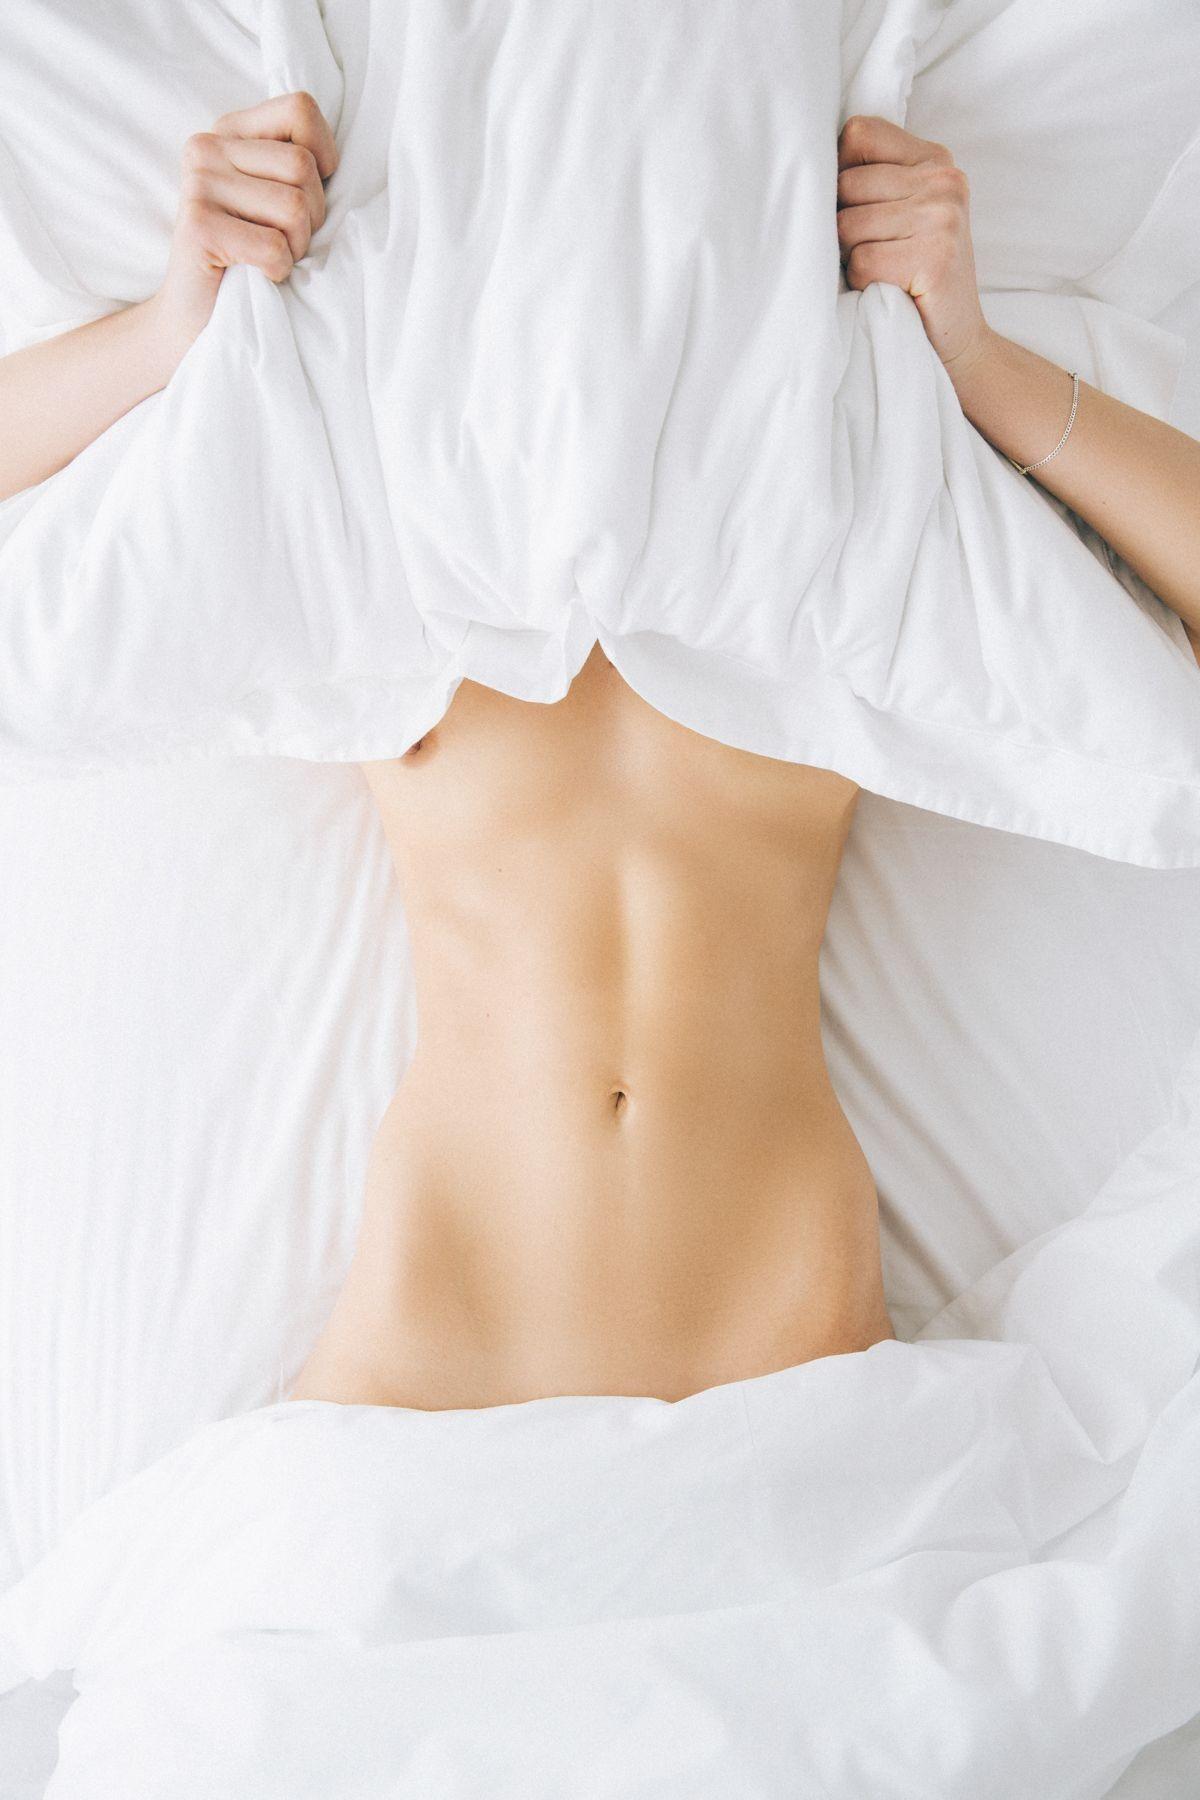 Alex McGregor Nude Photos, Sexy Pics